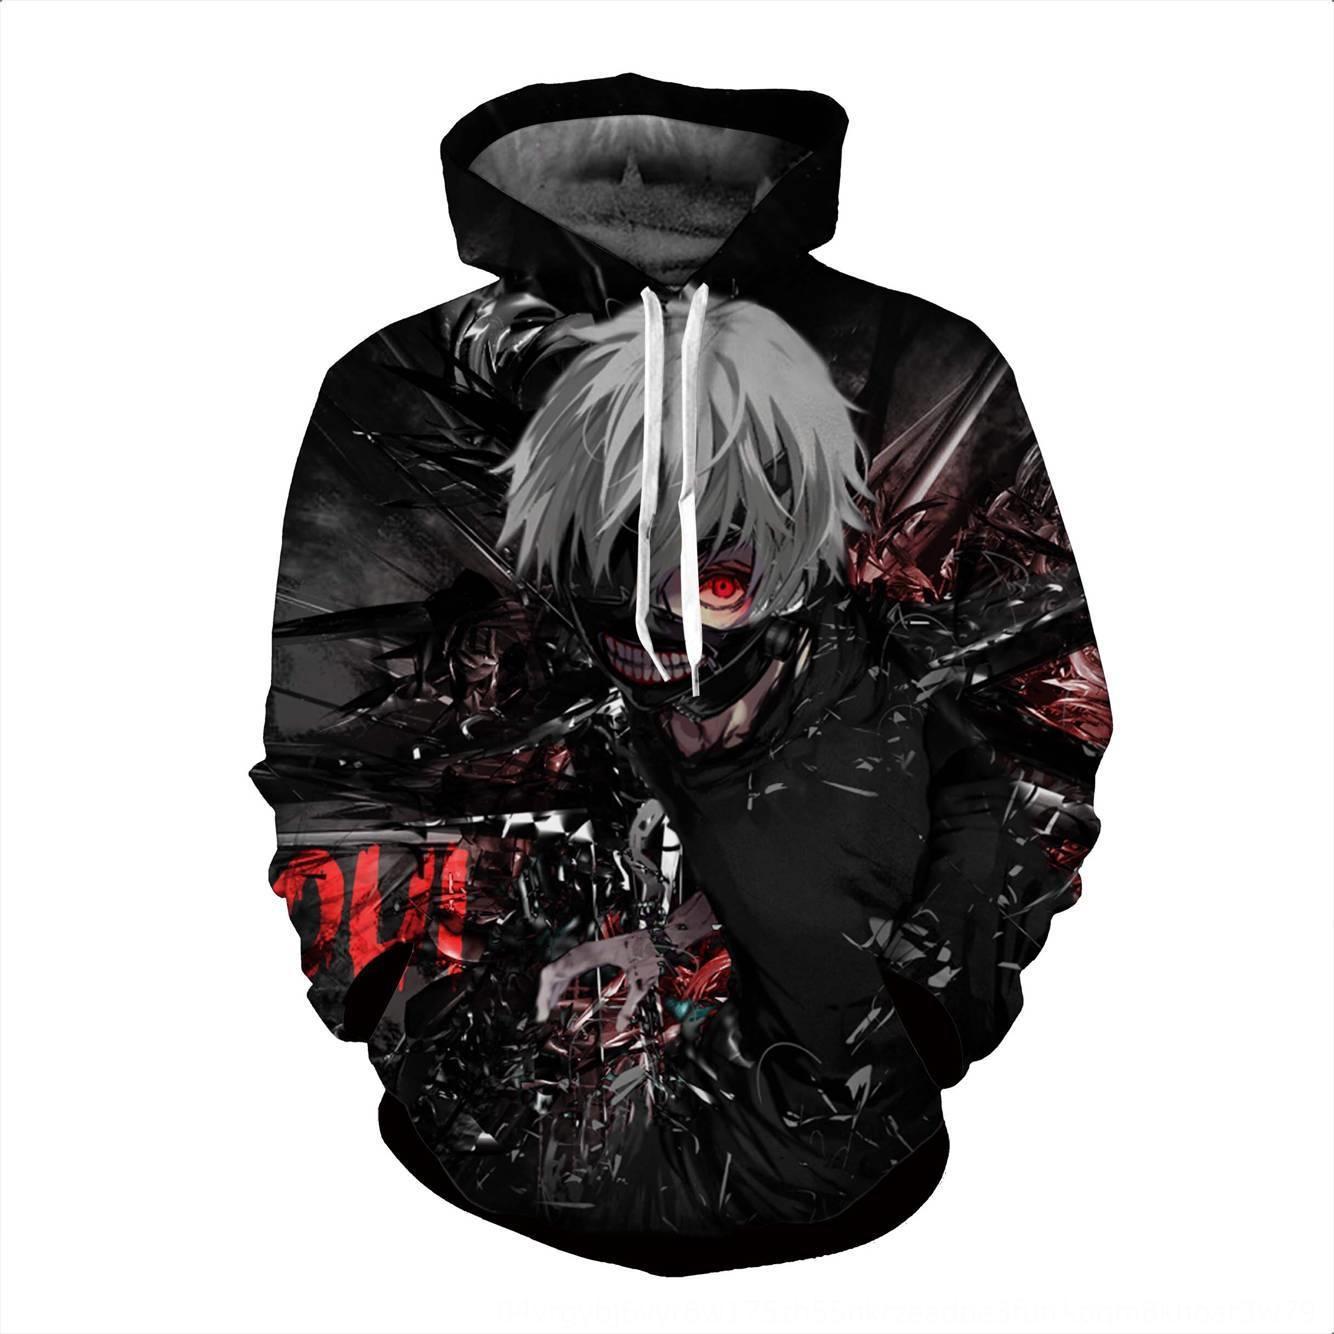 Kış Kazak Tokyo gulyabaniler anime kapüşonlu kapşonlu 3D baskılı erkek kazak erkek hoodie moda ymCjx